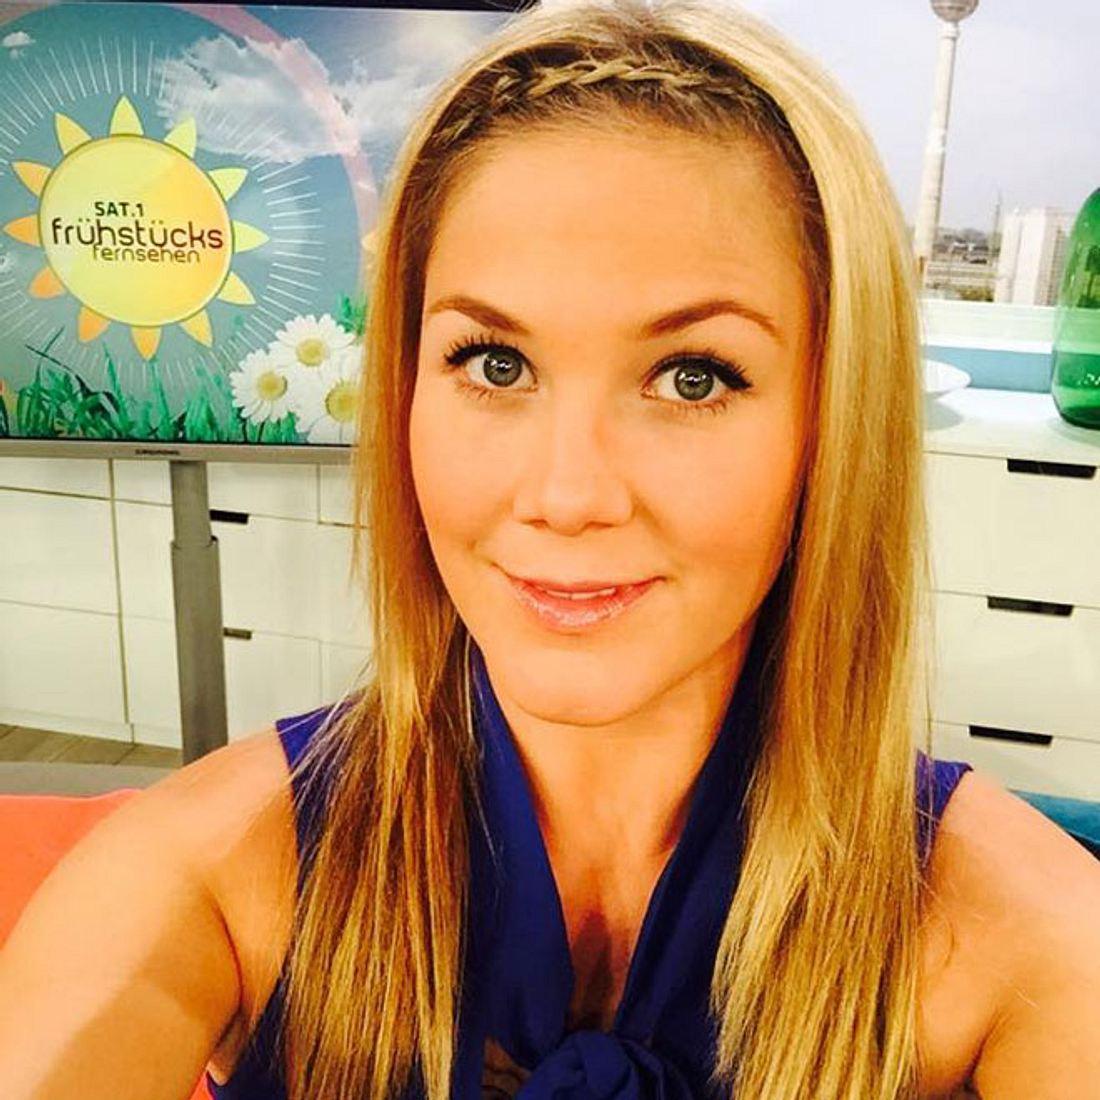 Moderatorin Alina Merkau: Ist sie wieder schwanger?